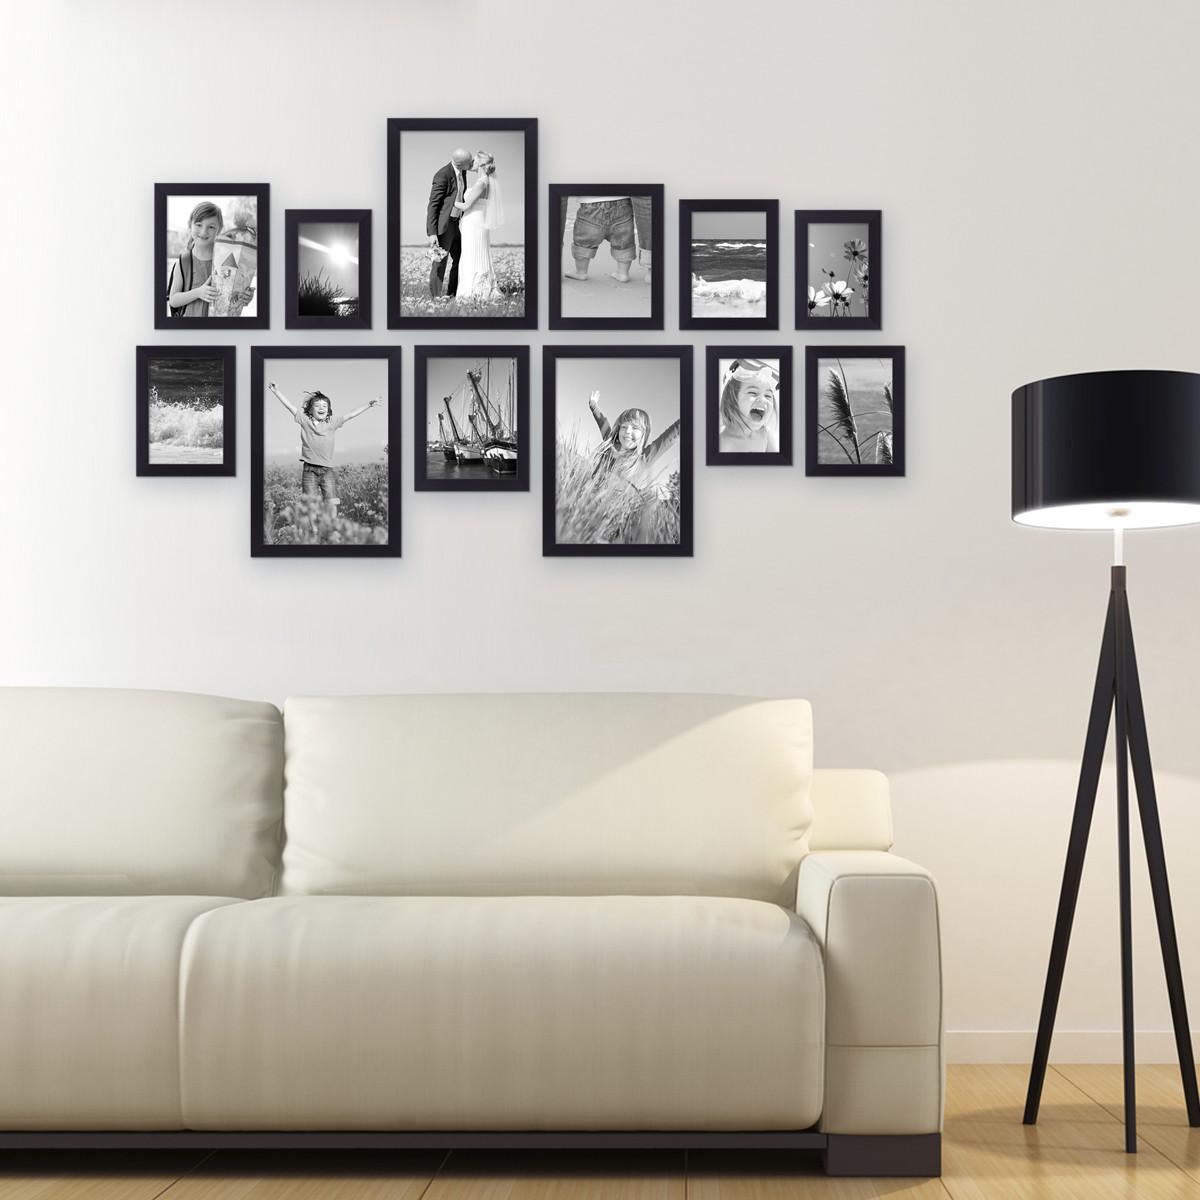 12er Set Bilderrahmen Modern Schwarz aus MDF 10x15 bis 20x30 cm ...